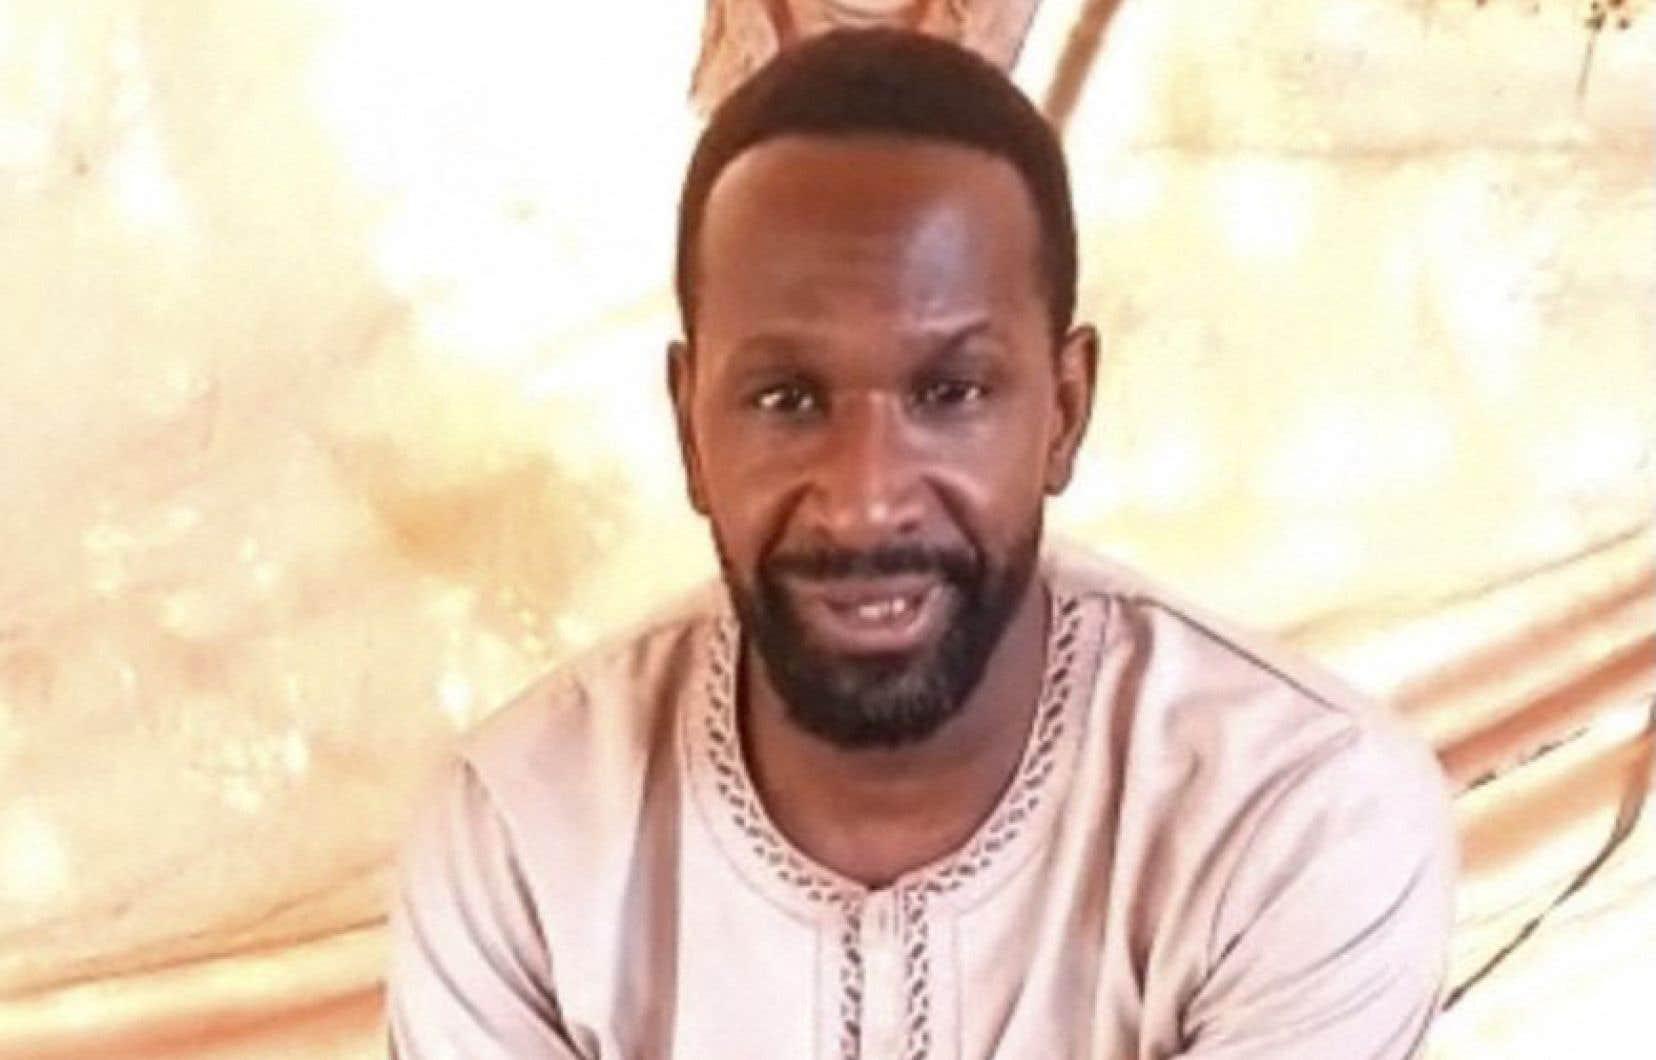 Dans un enregistrement d'une vingtaine de secondes, Olivier Dubois explique avoir été enlevé le 8avril à Gao par le Groupe de soutien à l'islam